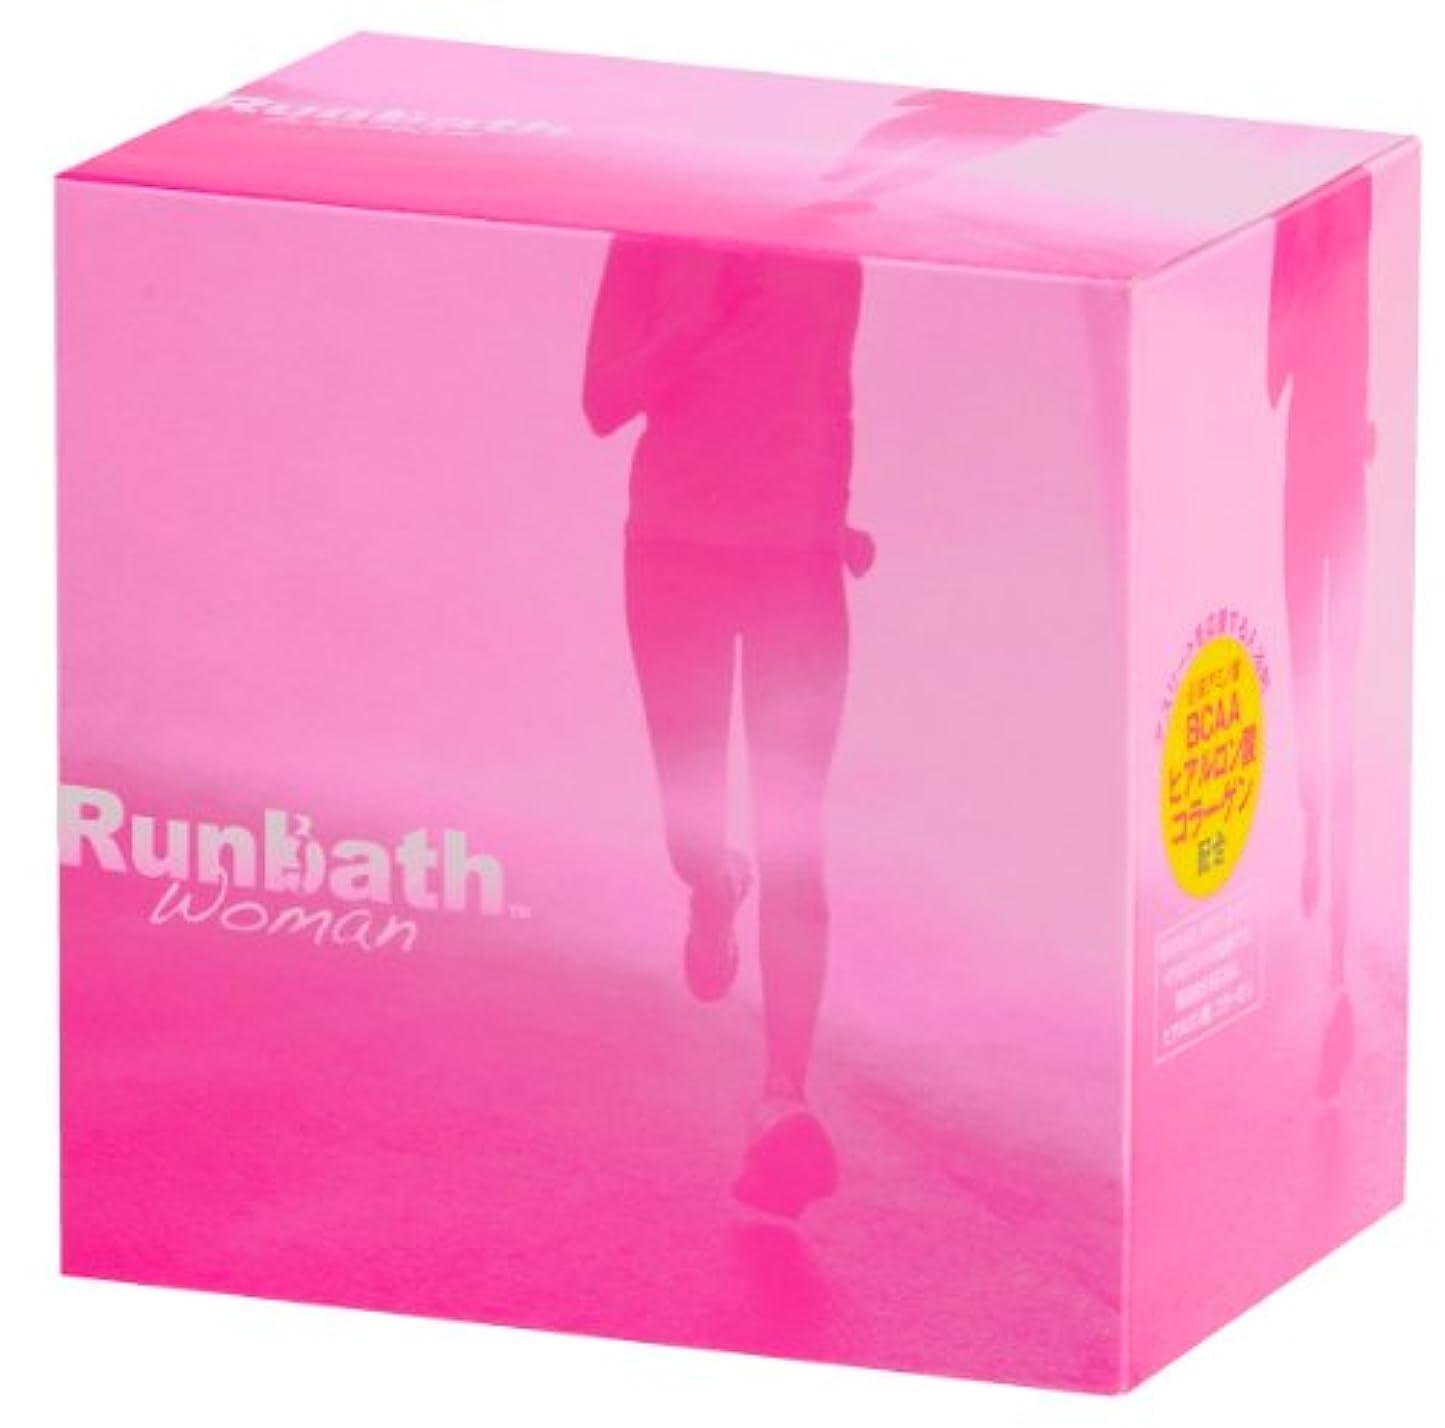 ディンカルビルコミュニケーションもRunbath Woman ランバスウーマン